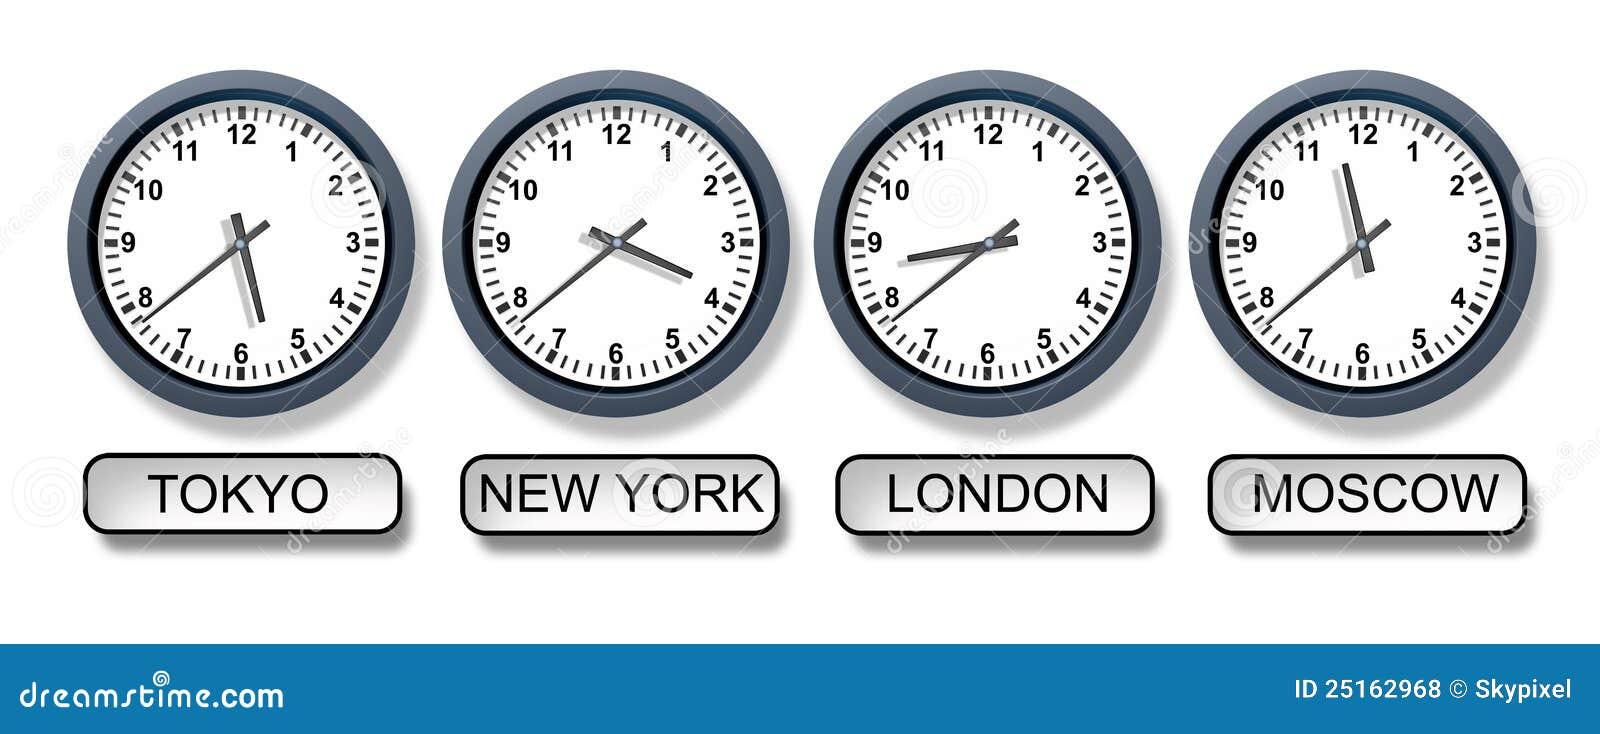 horloges de fuseau horaire du monde photos libres de. Black Bedroom Furniture Sets. Home Design Ideas